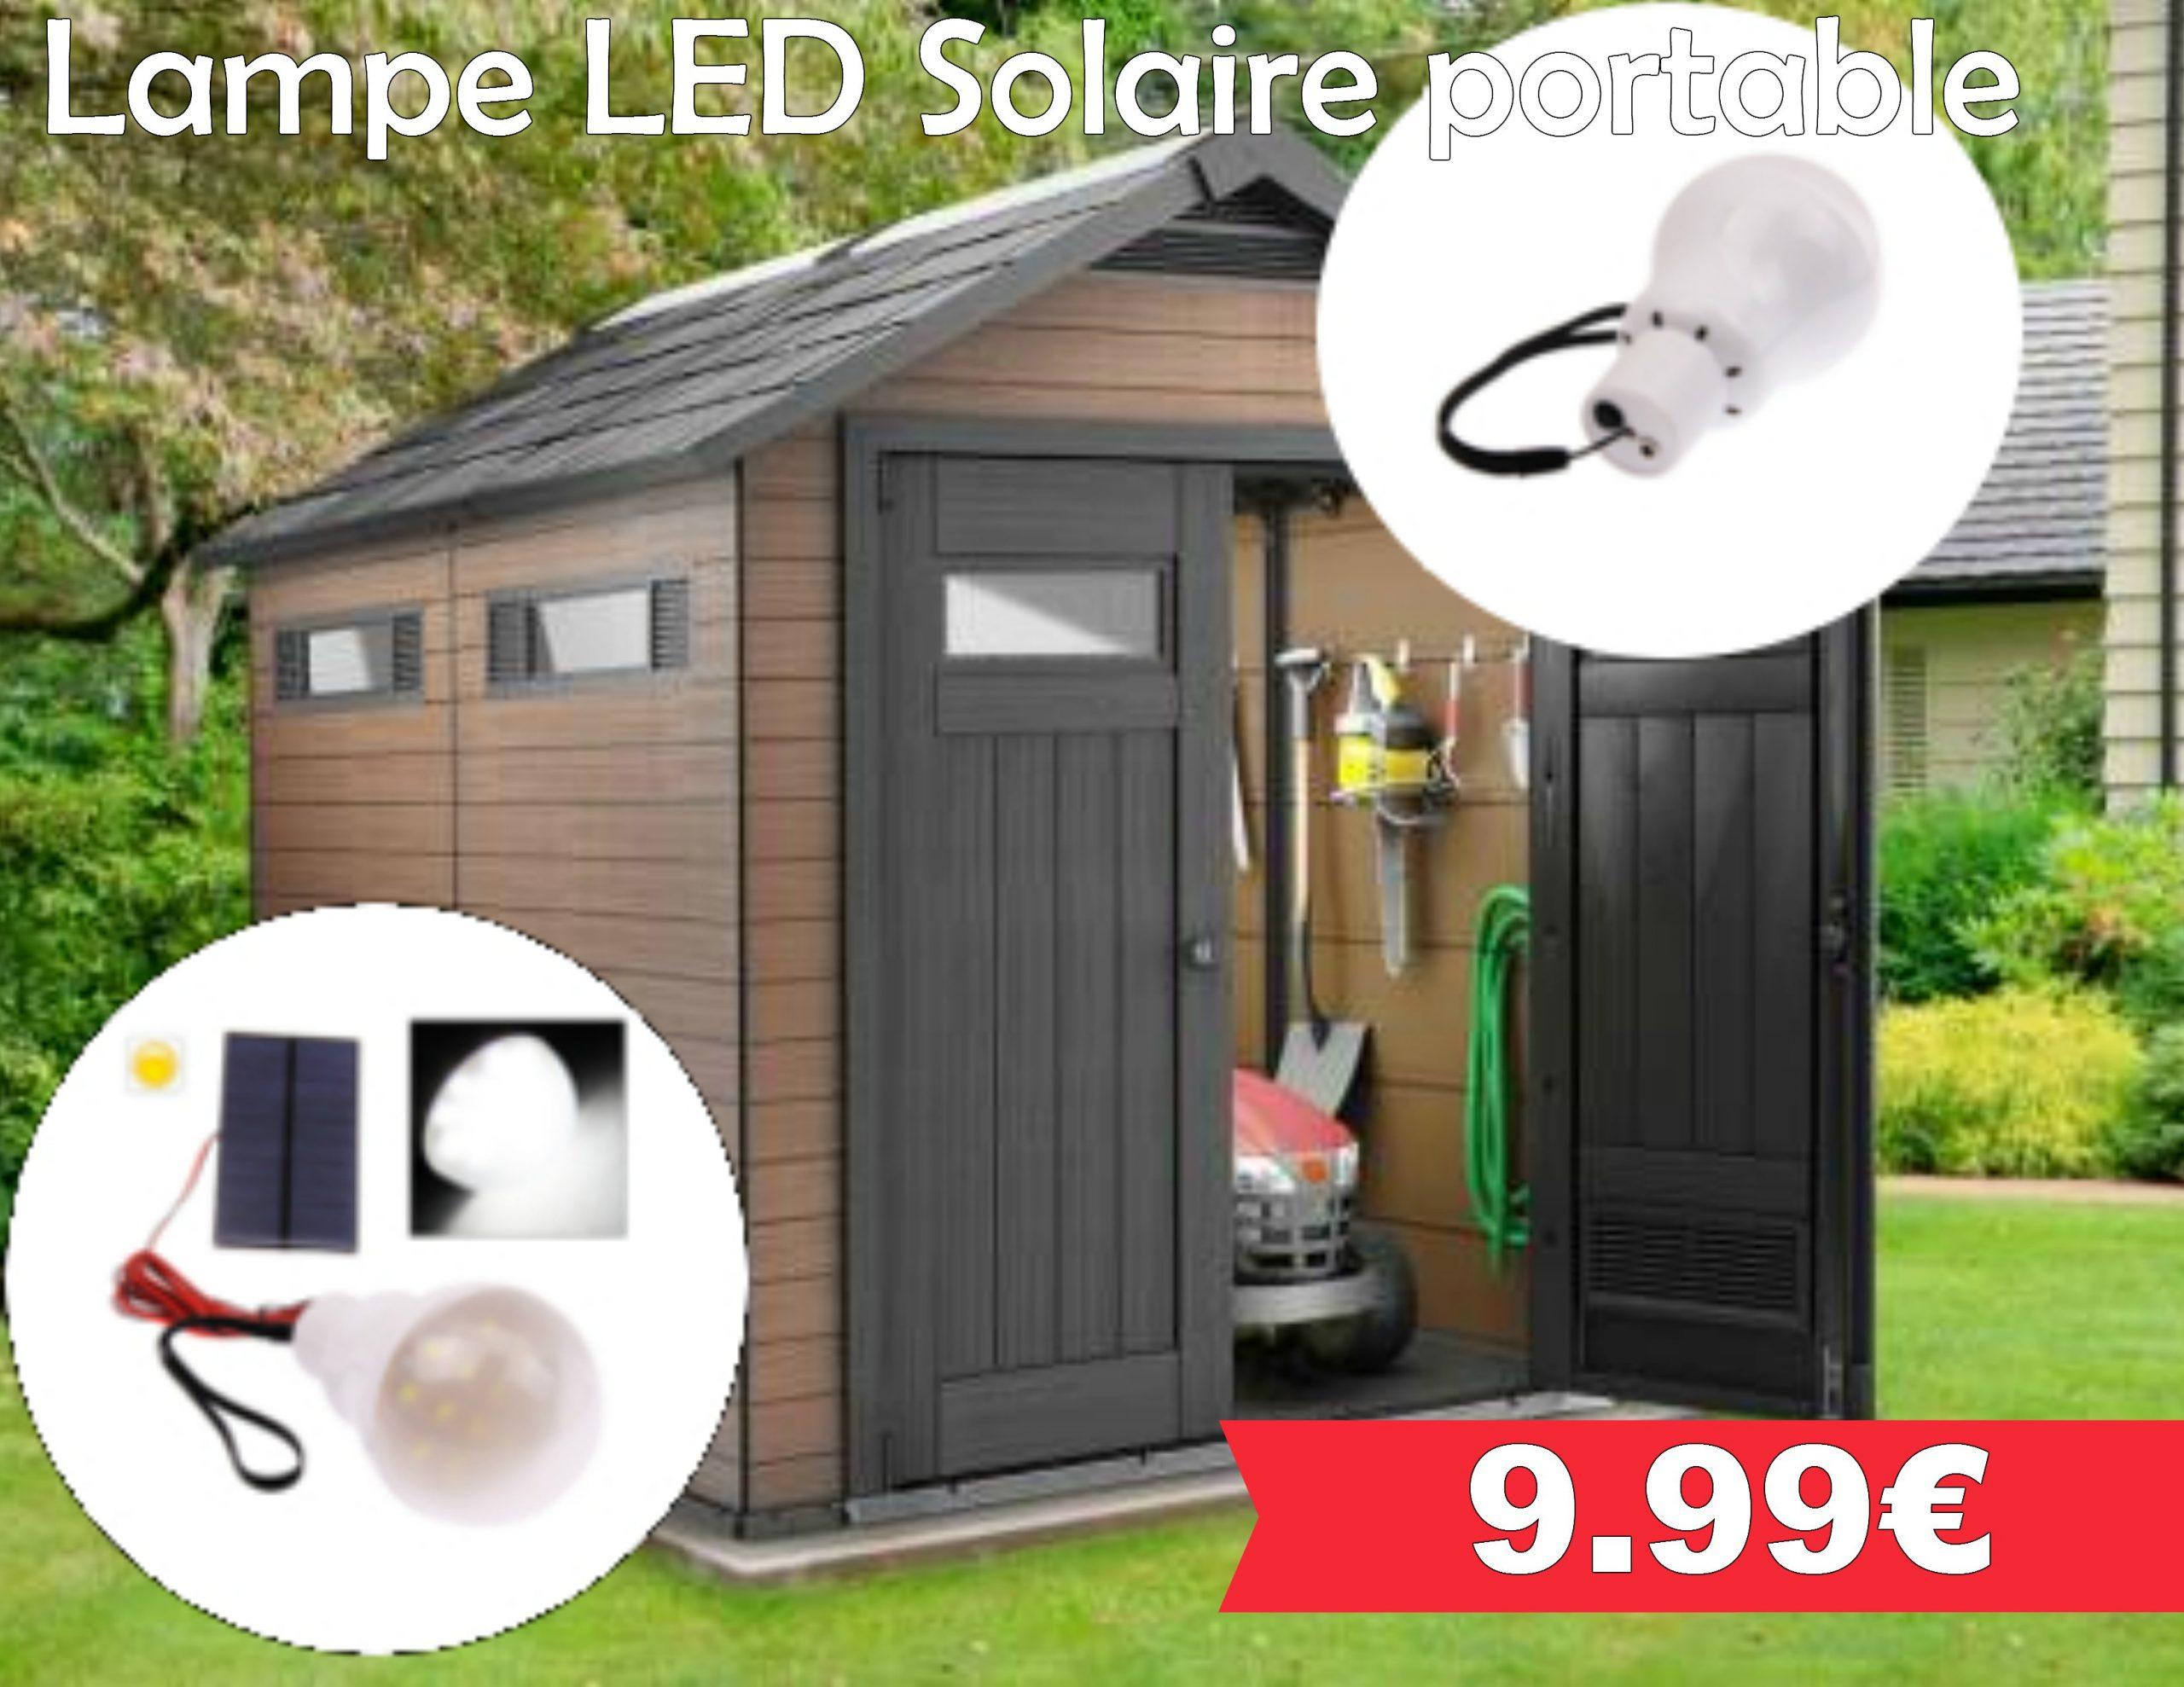 lampe led solaire portable leclerc